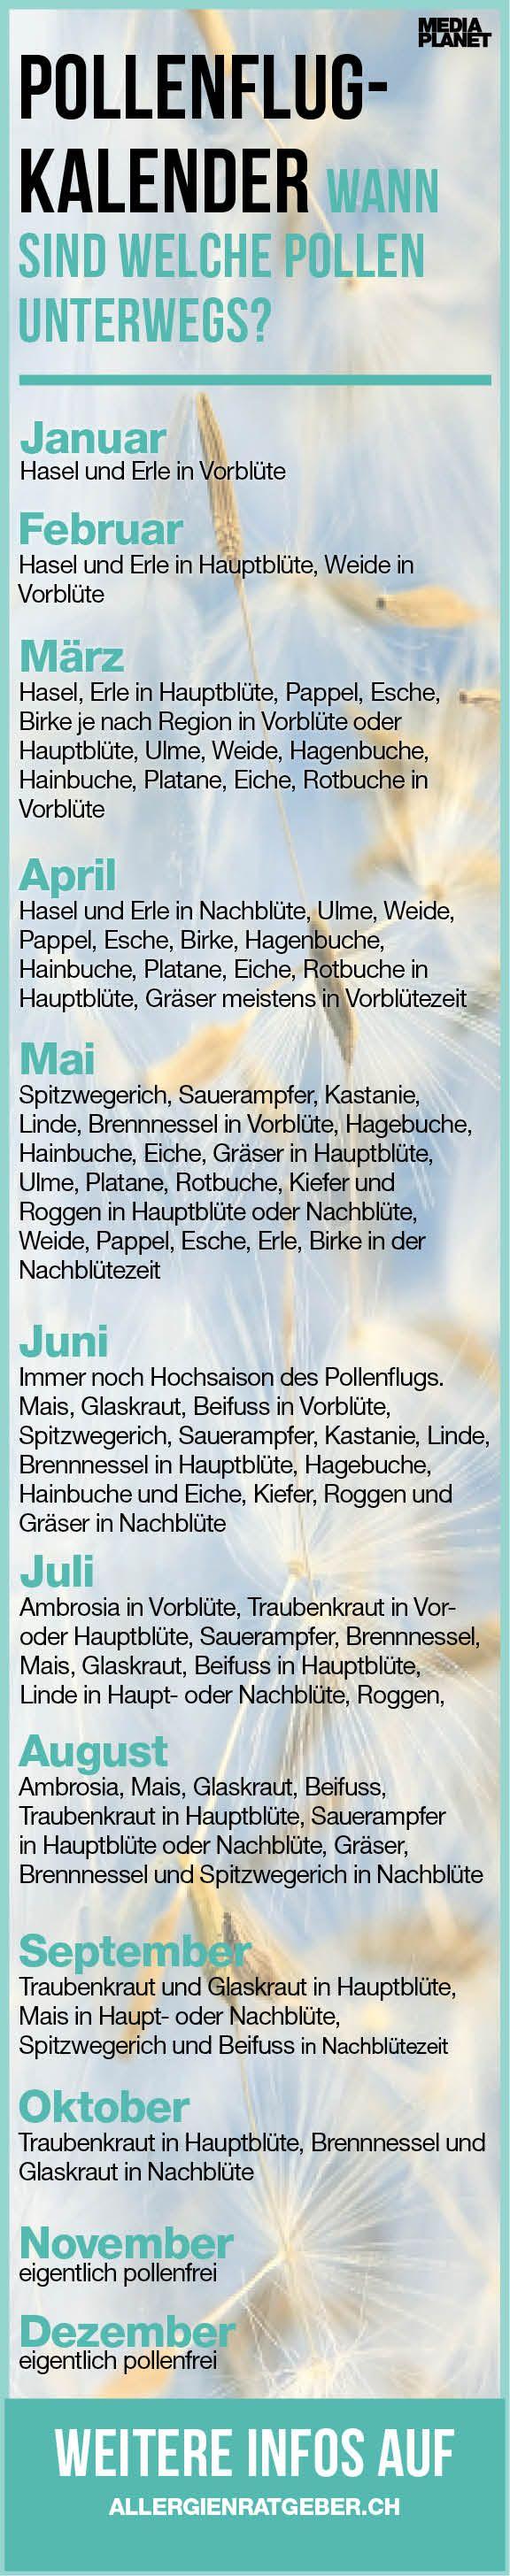 #Pollenflugkalender #allergien  #heuschnupfen  #tipps  #Blüten